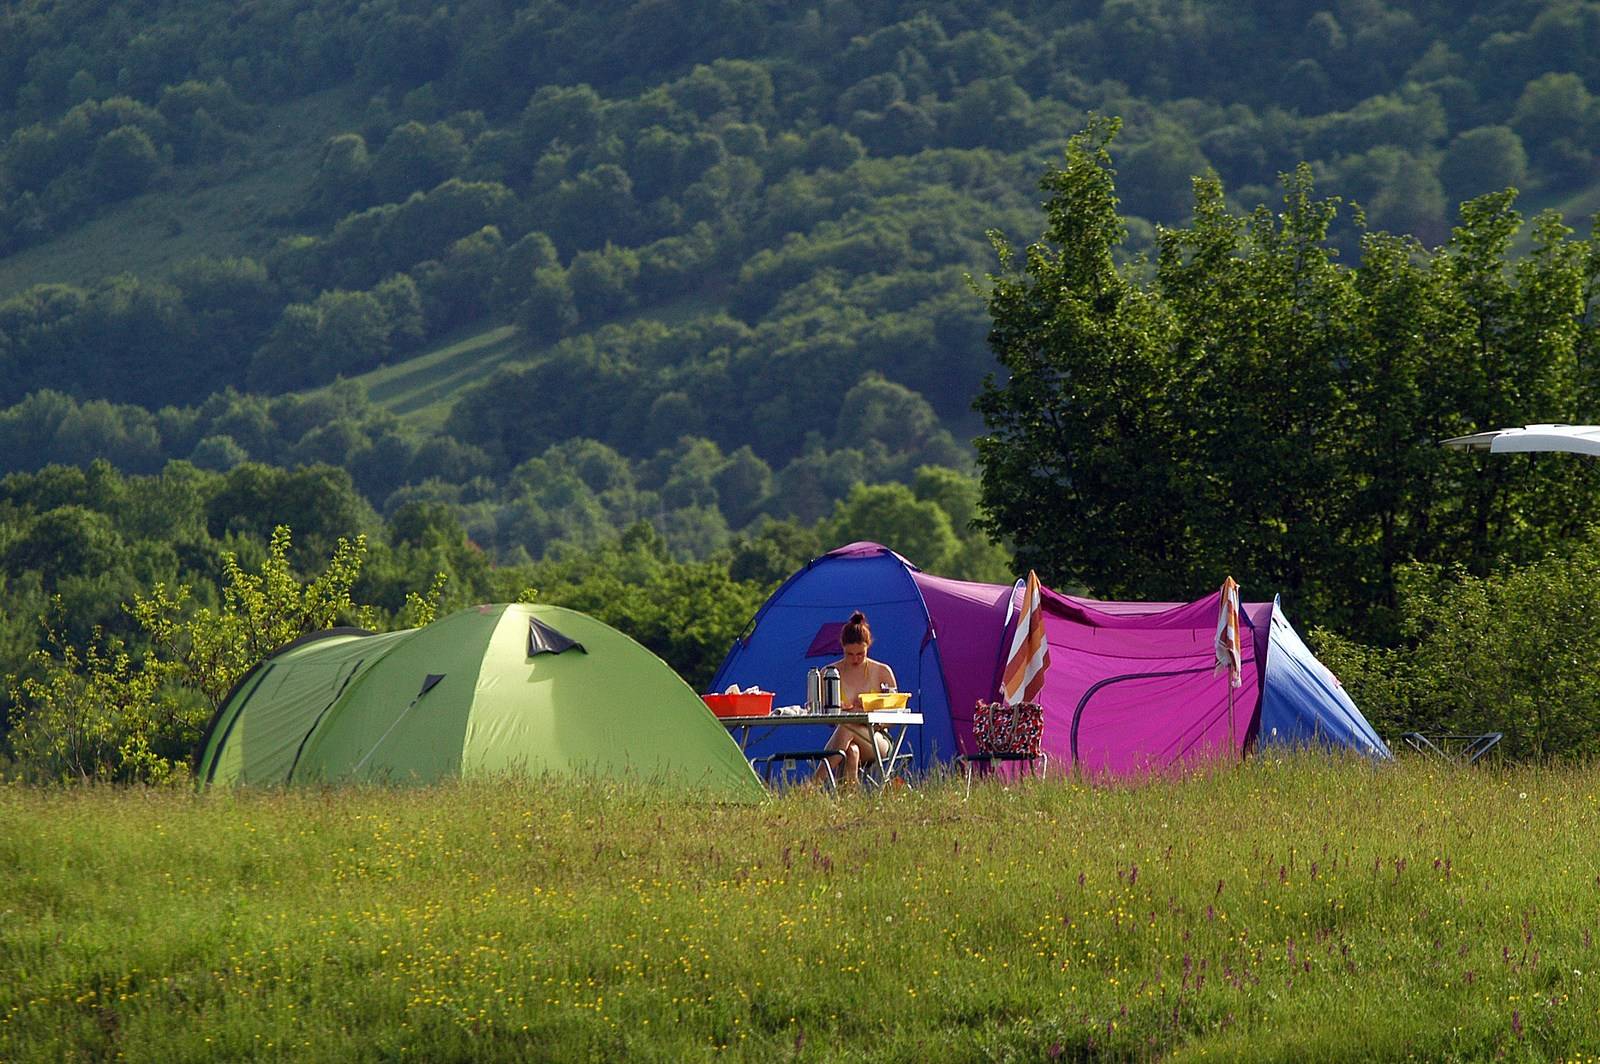 Velebit. To pomeni biti v naravi. Velebit. To pomeni živeti z naravo. Foto: HTZ in Stipe Surać.